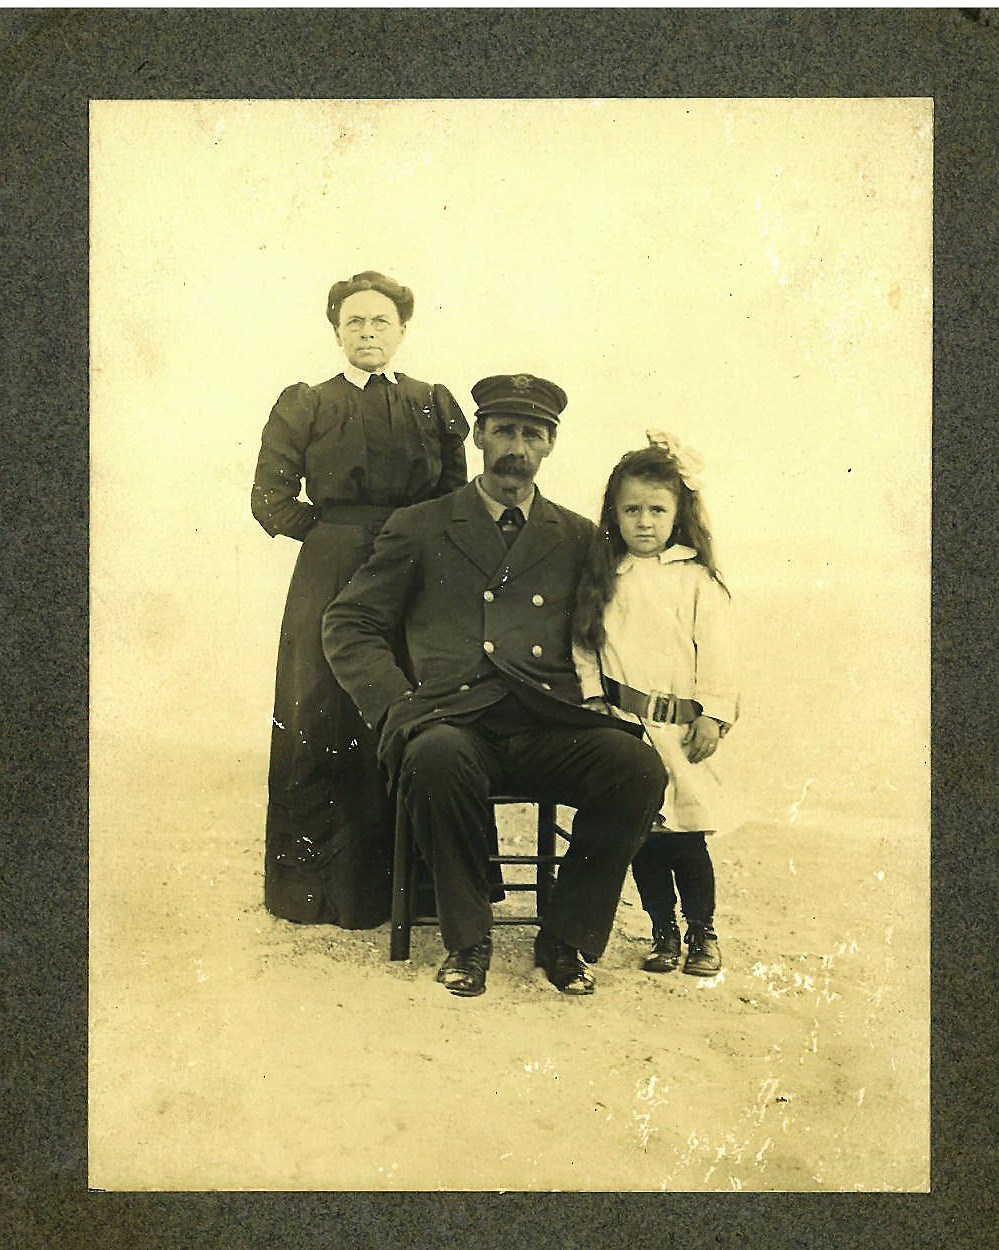 Martha Chadwick, John T. Wescott and Mabel Wescott circa 1910